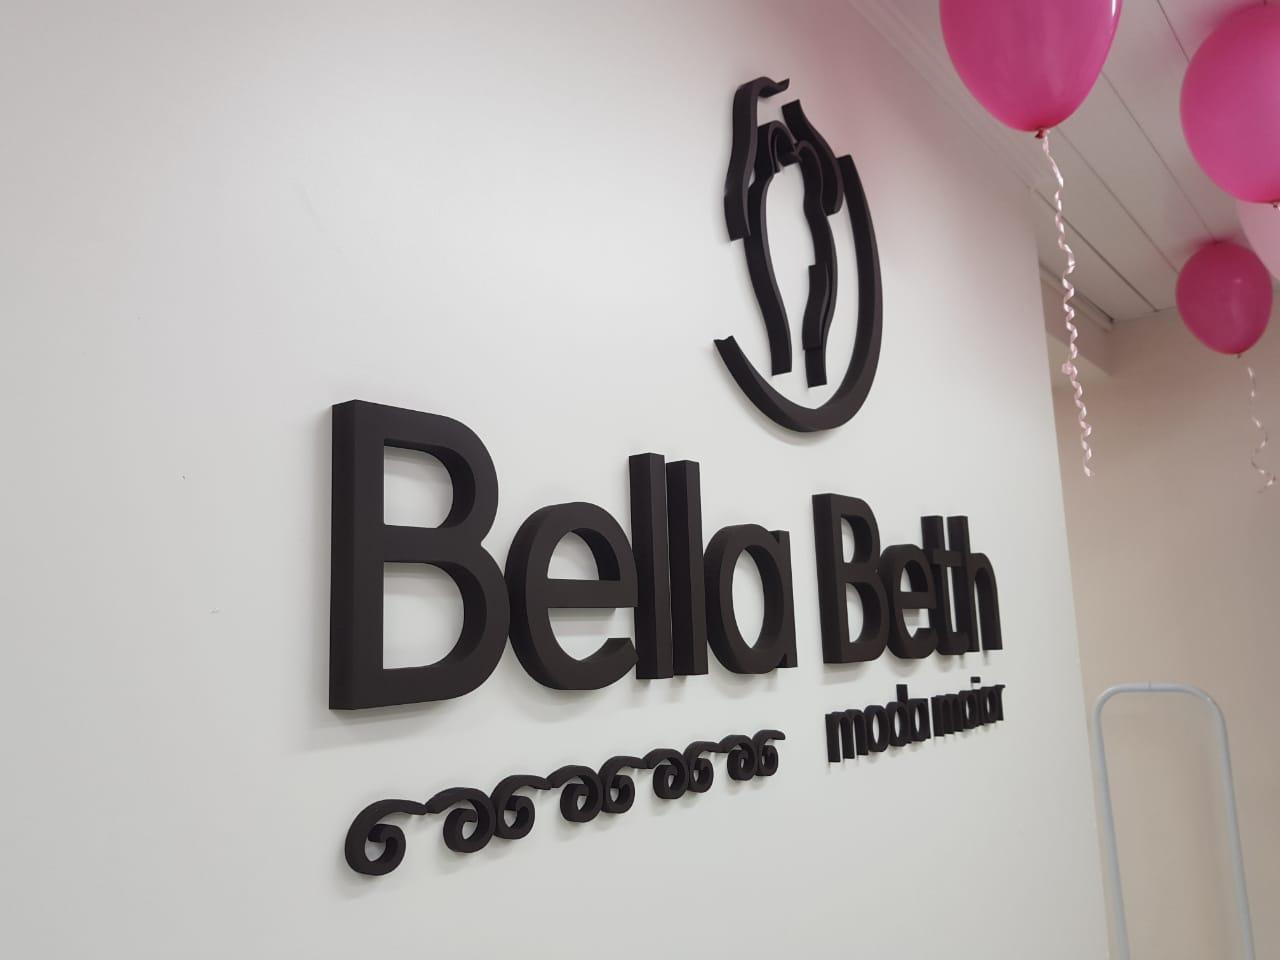 Bella Beth Moda Maior - Letras Caixa PVC